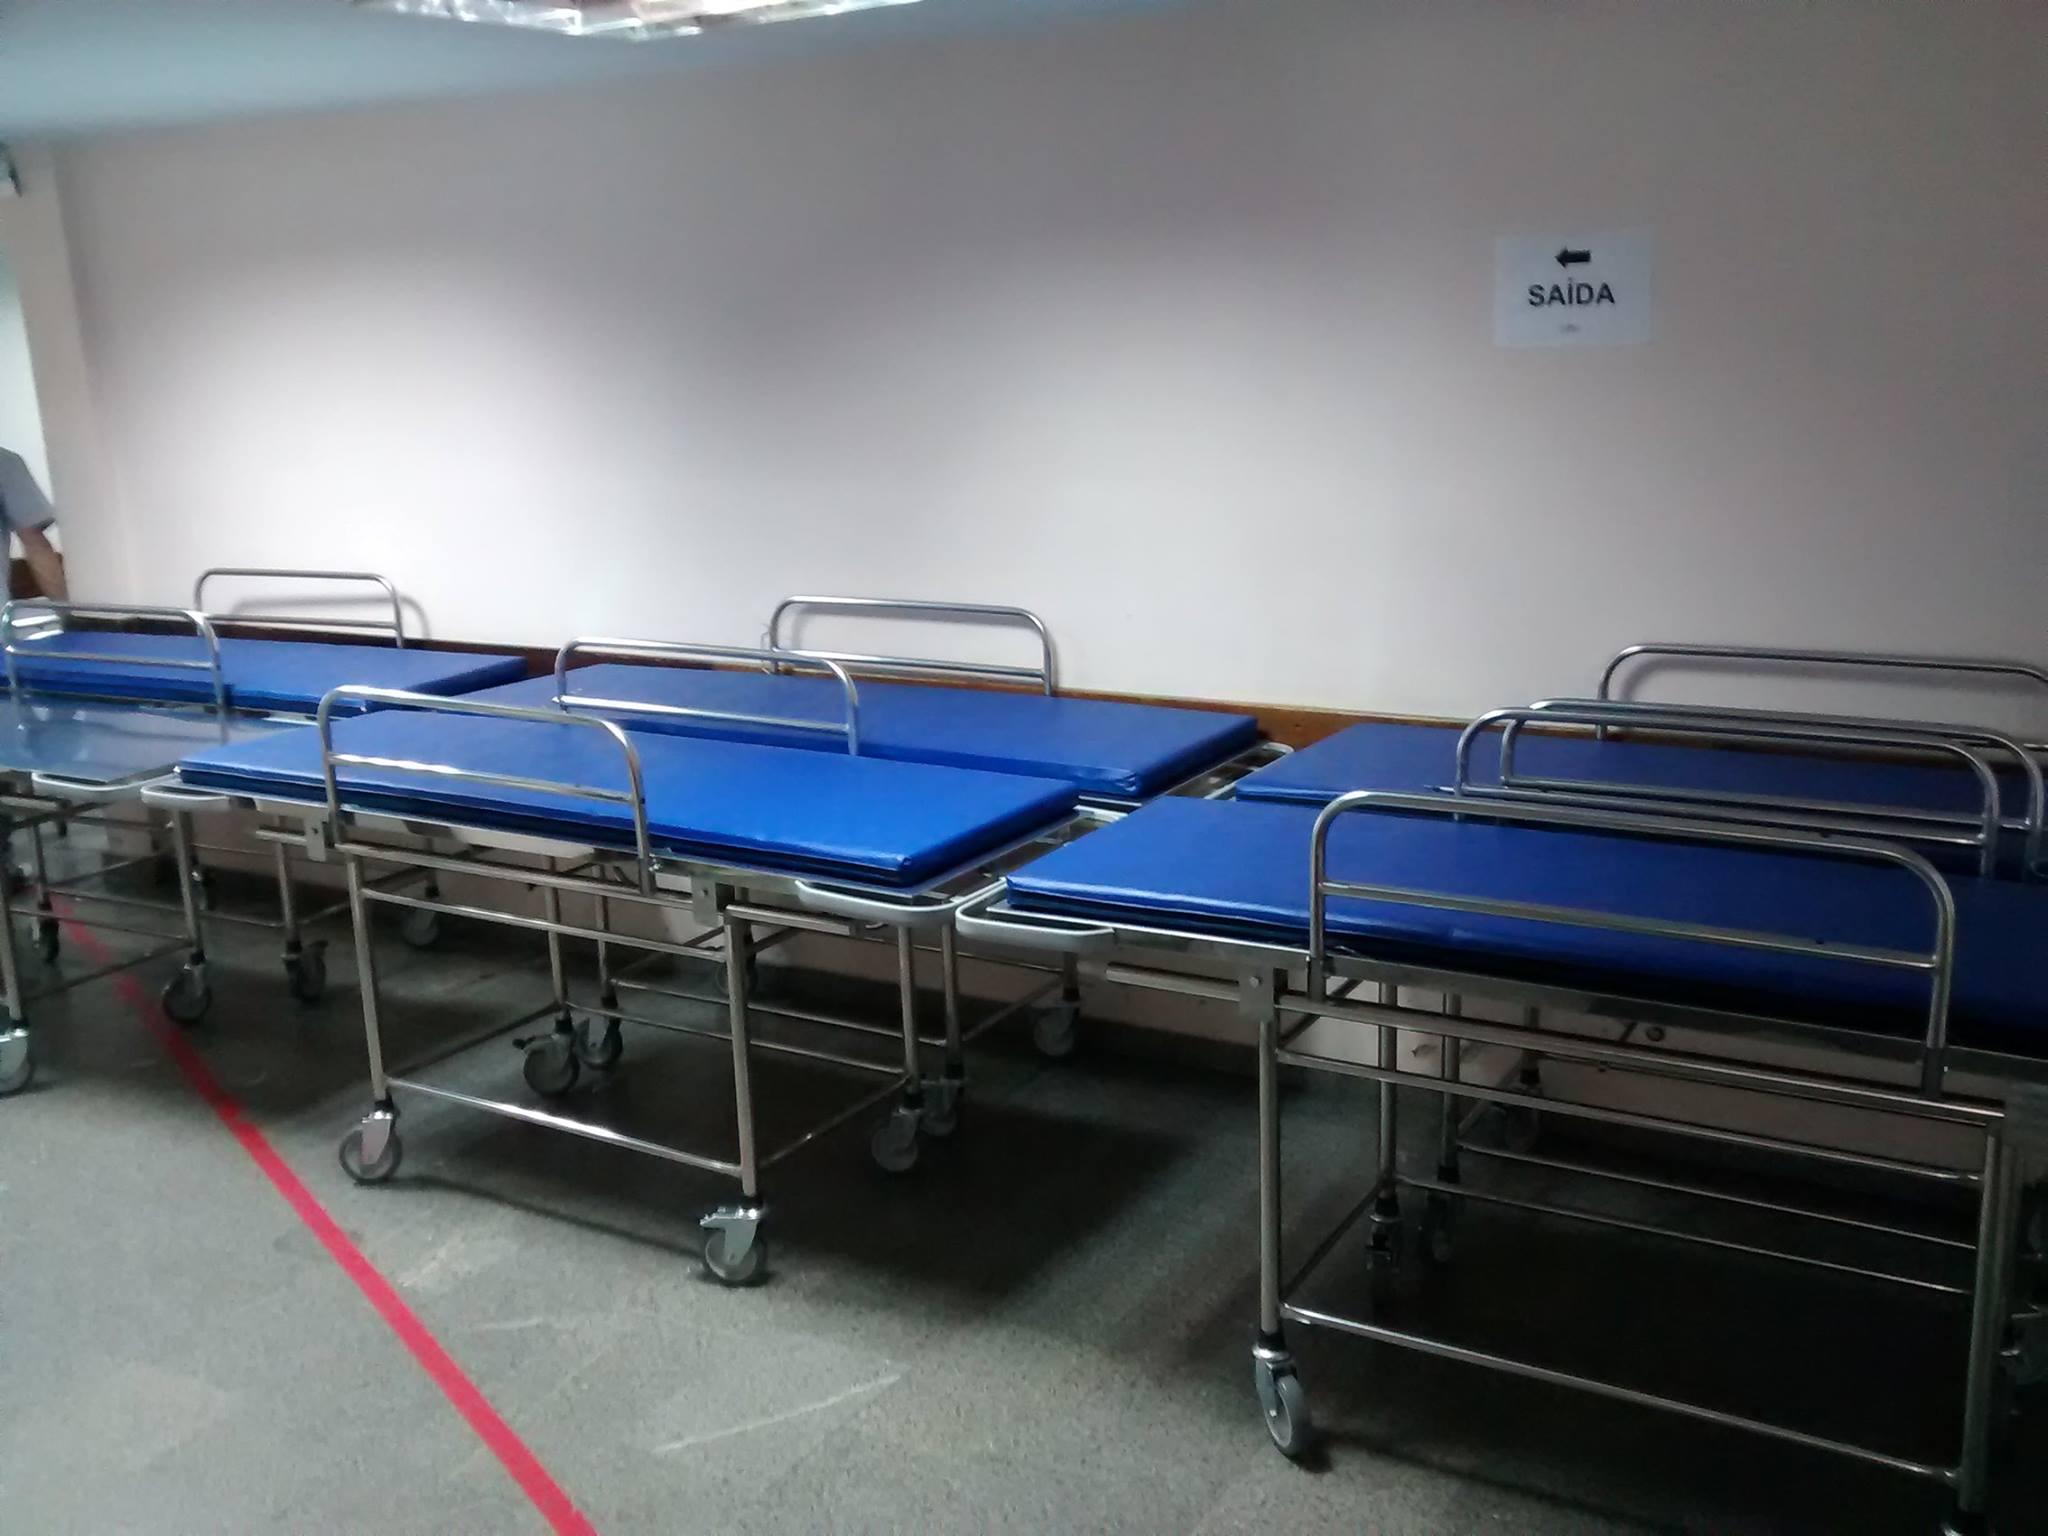 Paciente será indenizada após cair de maca em unidade de saúde ...